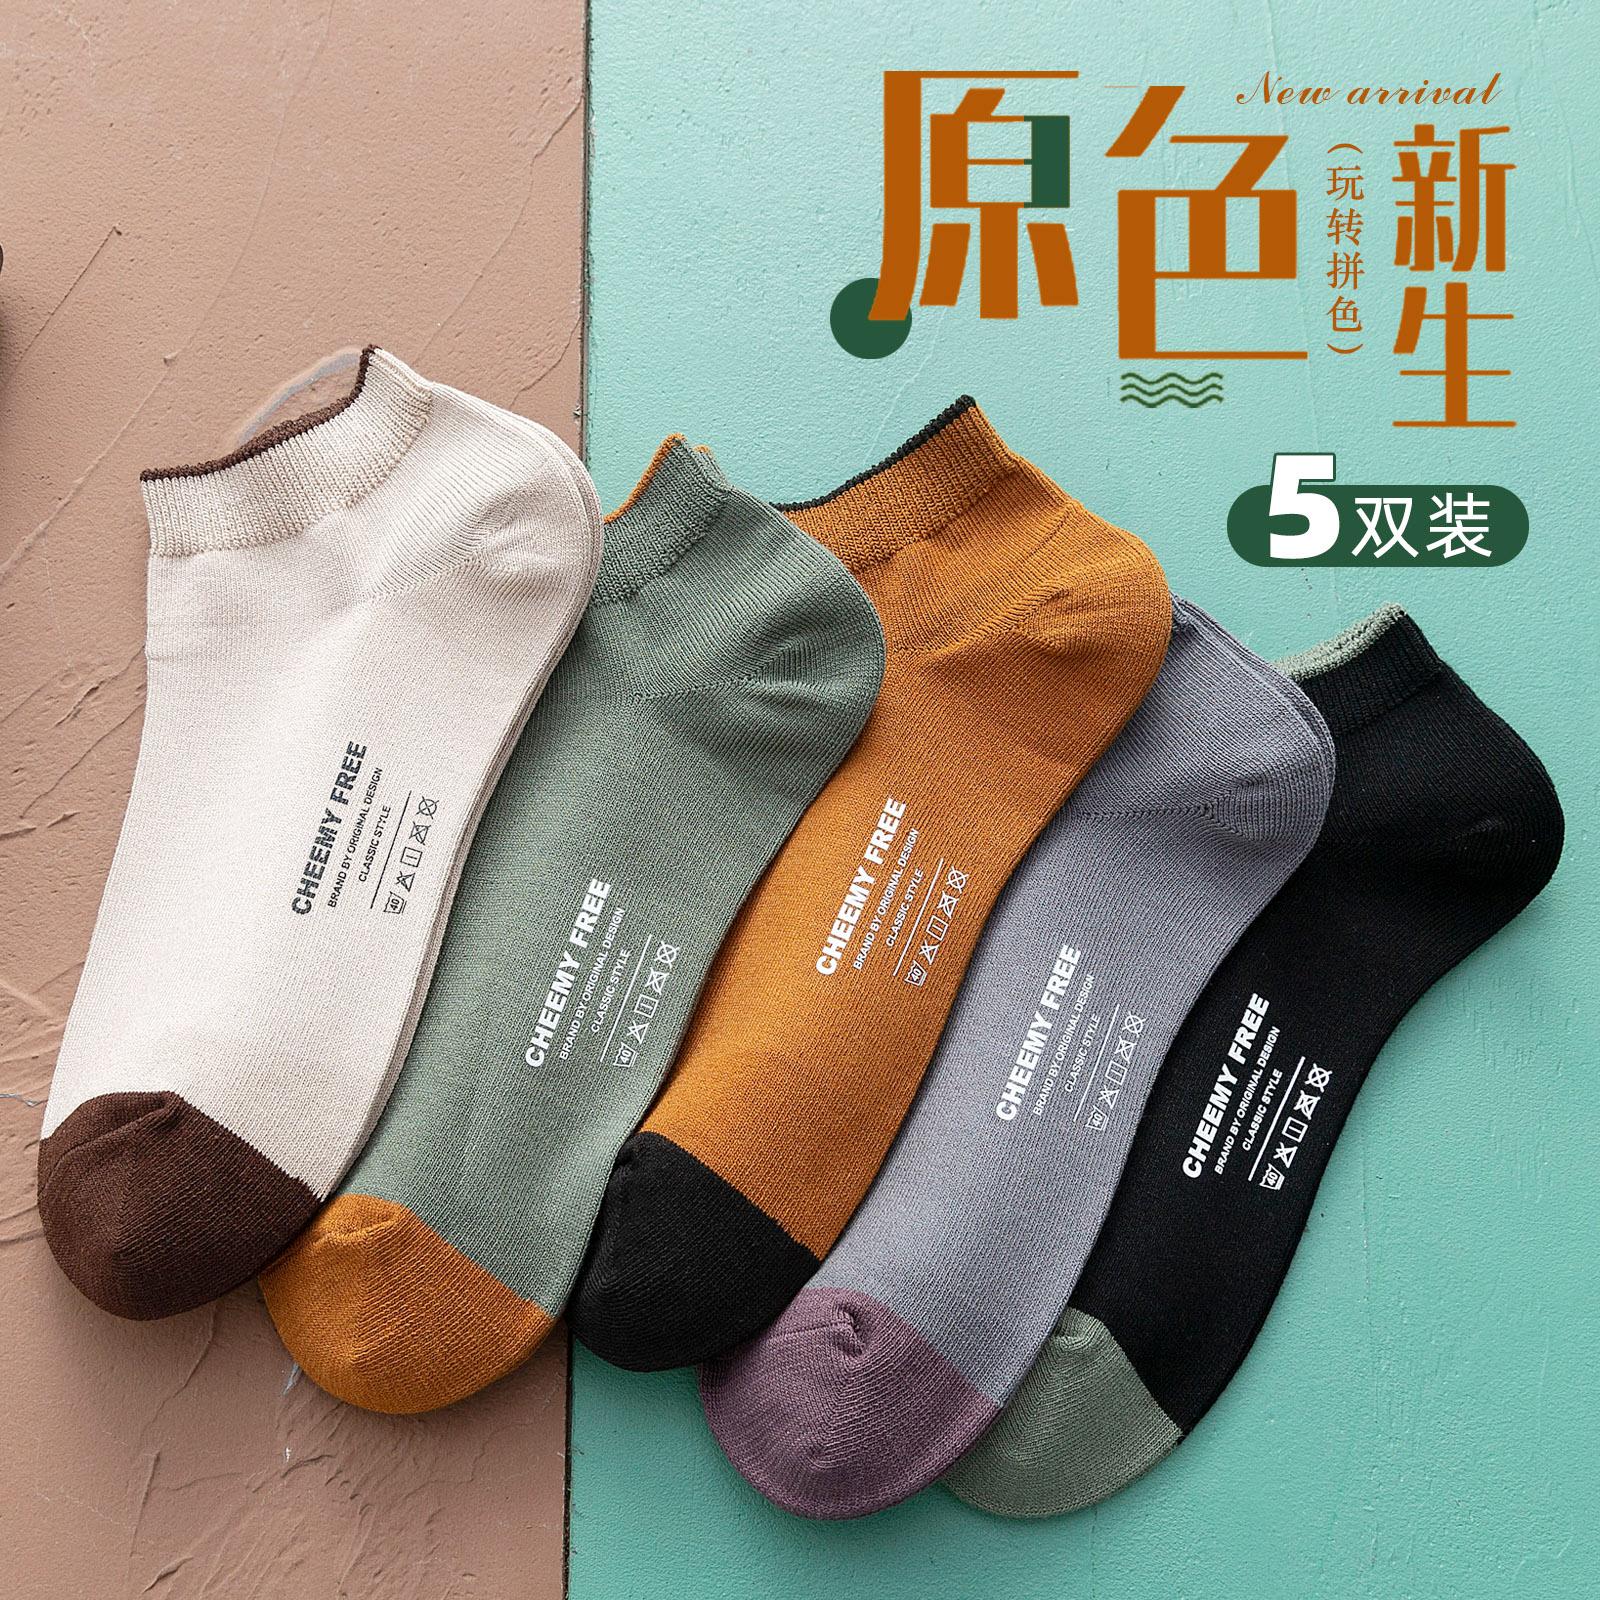 袜子男士纯棉短袜夏天隐形透气吸汗防臭运动风薄款夏季全棉船袜潮